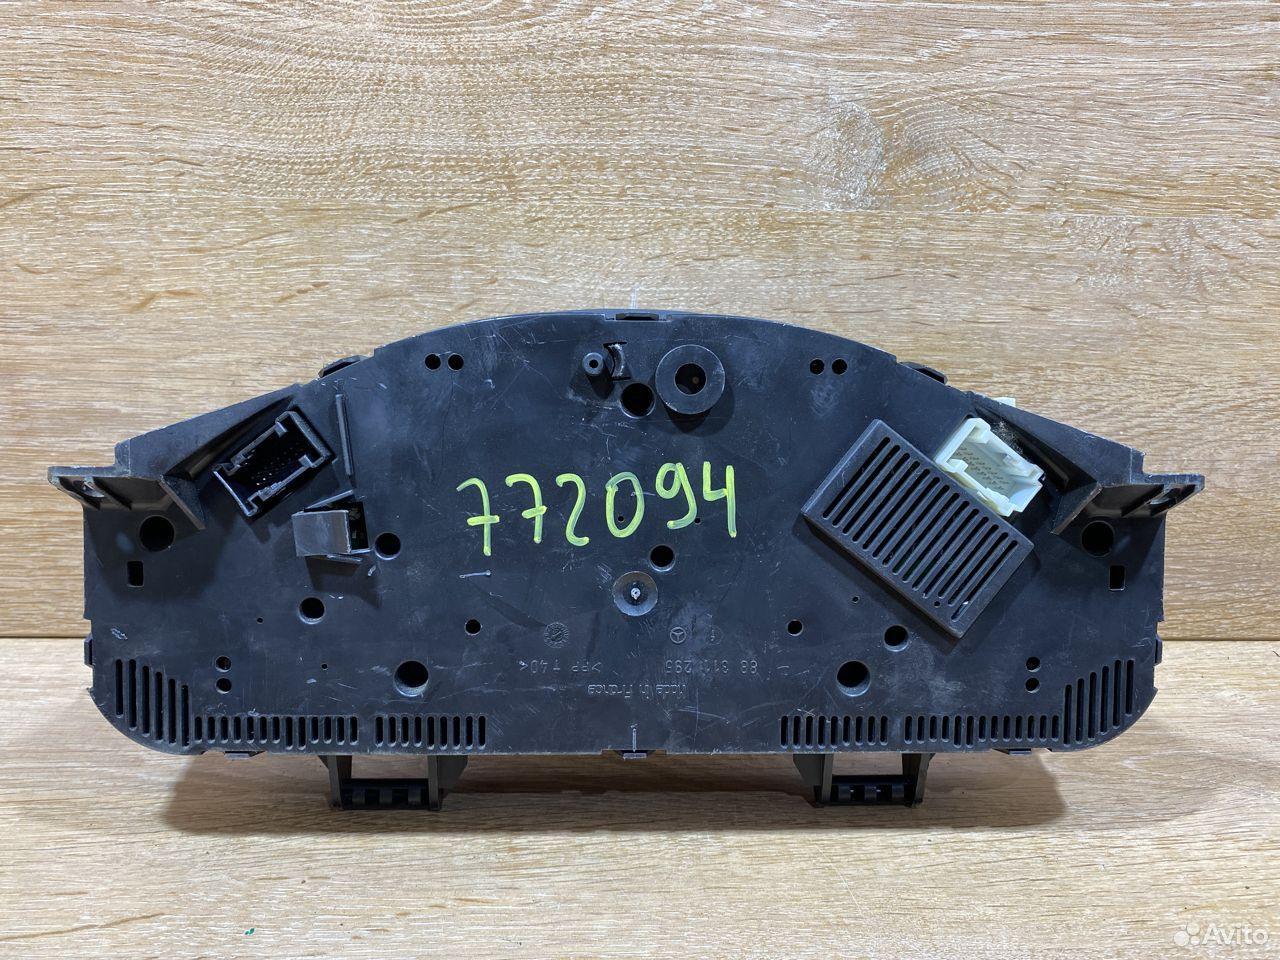 Панель приборов Mercedes Sprinter дизель 772094  89534684247 купить 4